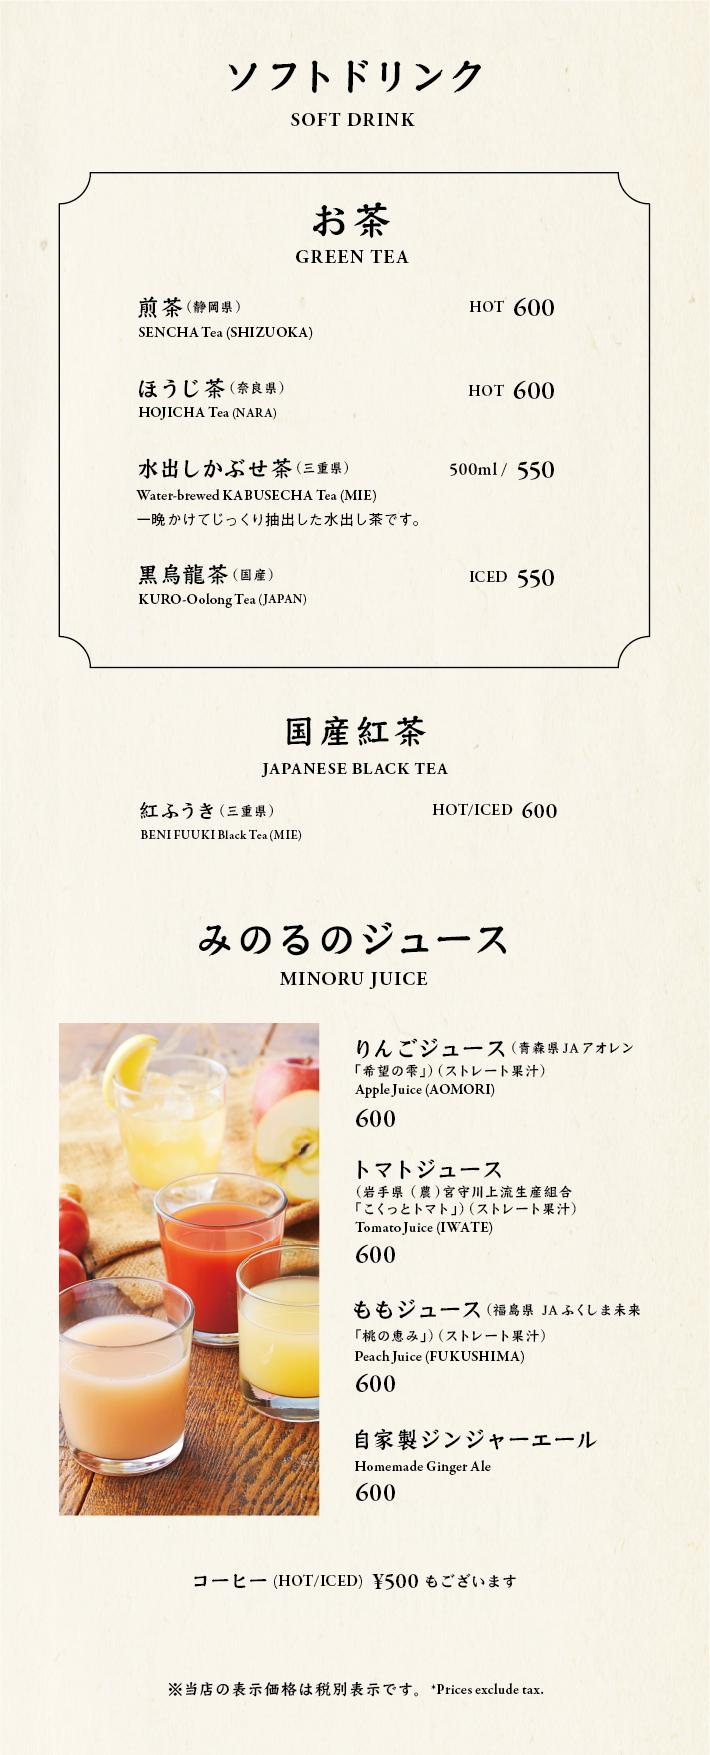 grillMINORU_drink_170921-08 ⑥.png